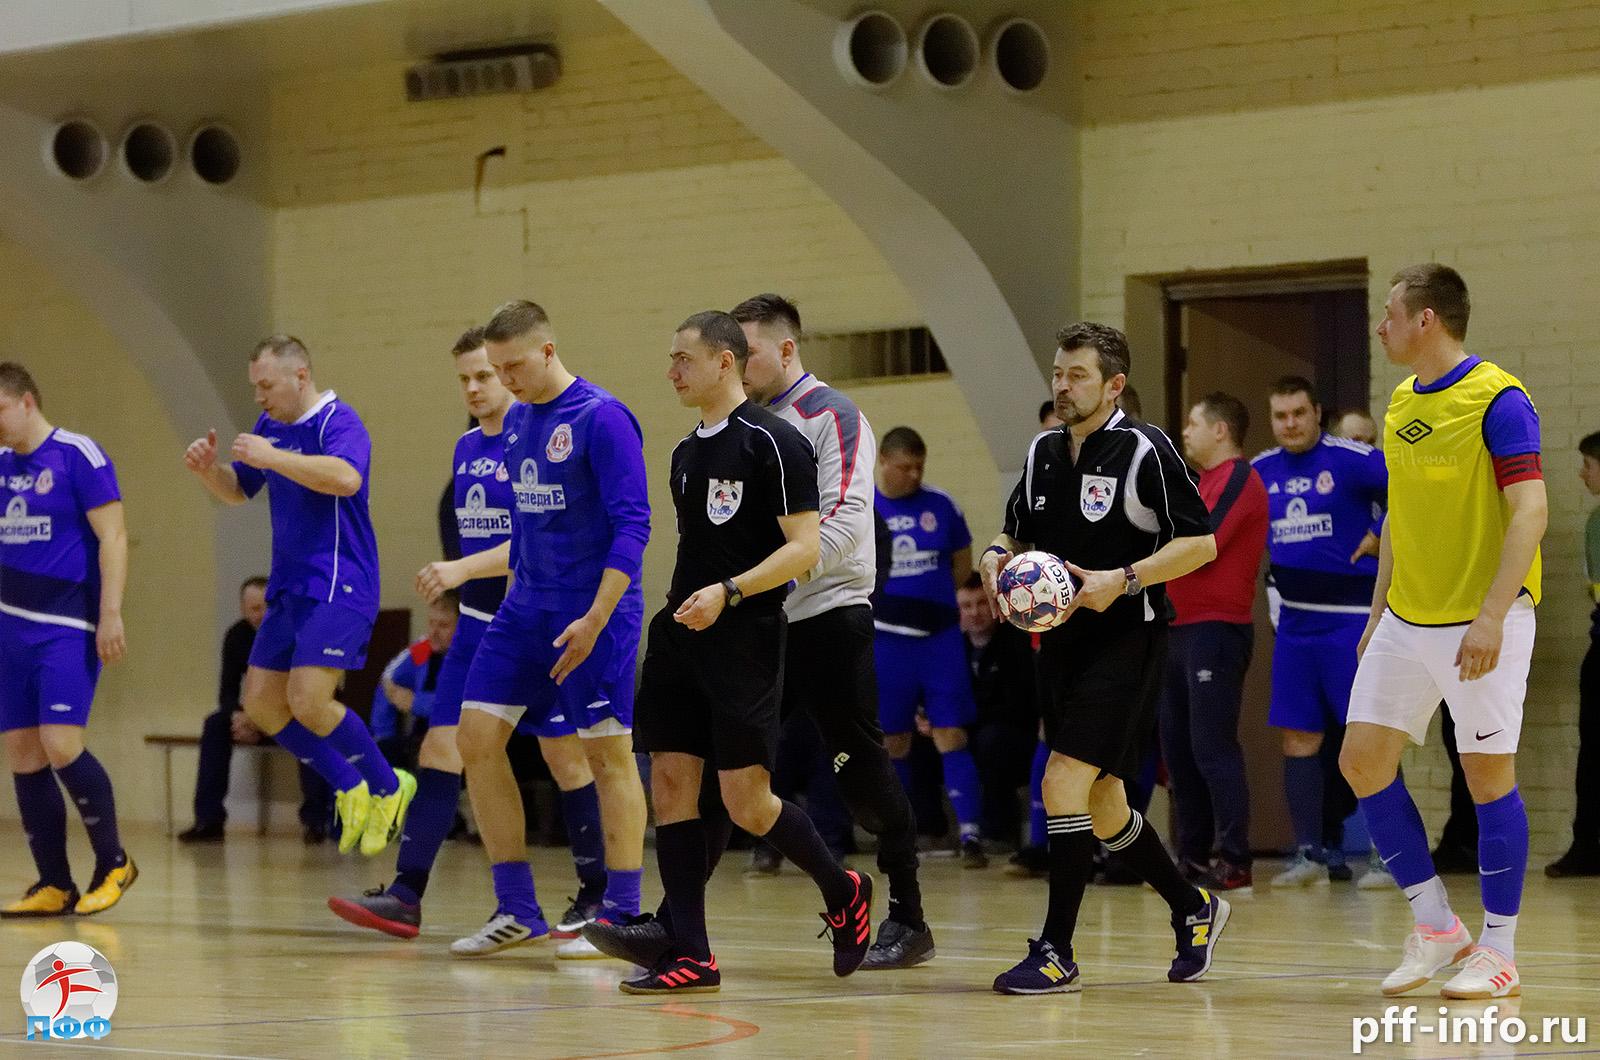 Алексей Касаткин: «Витязь 100» вошел в ТОП-3 российского футбола 100+»